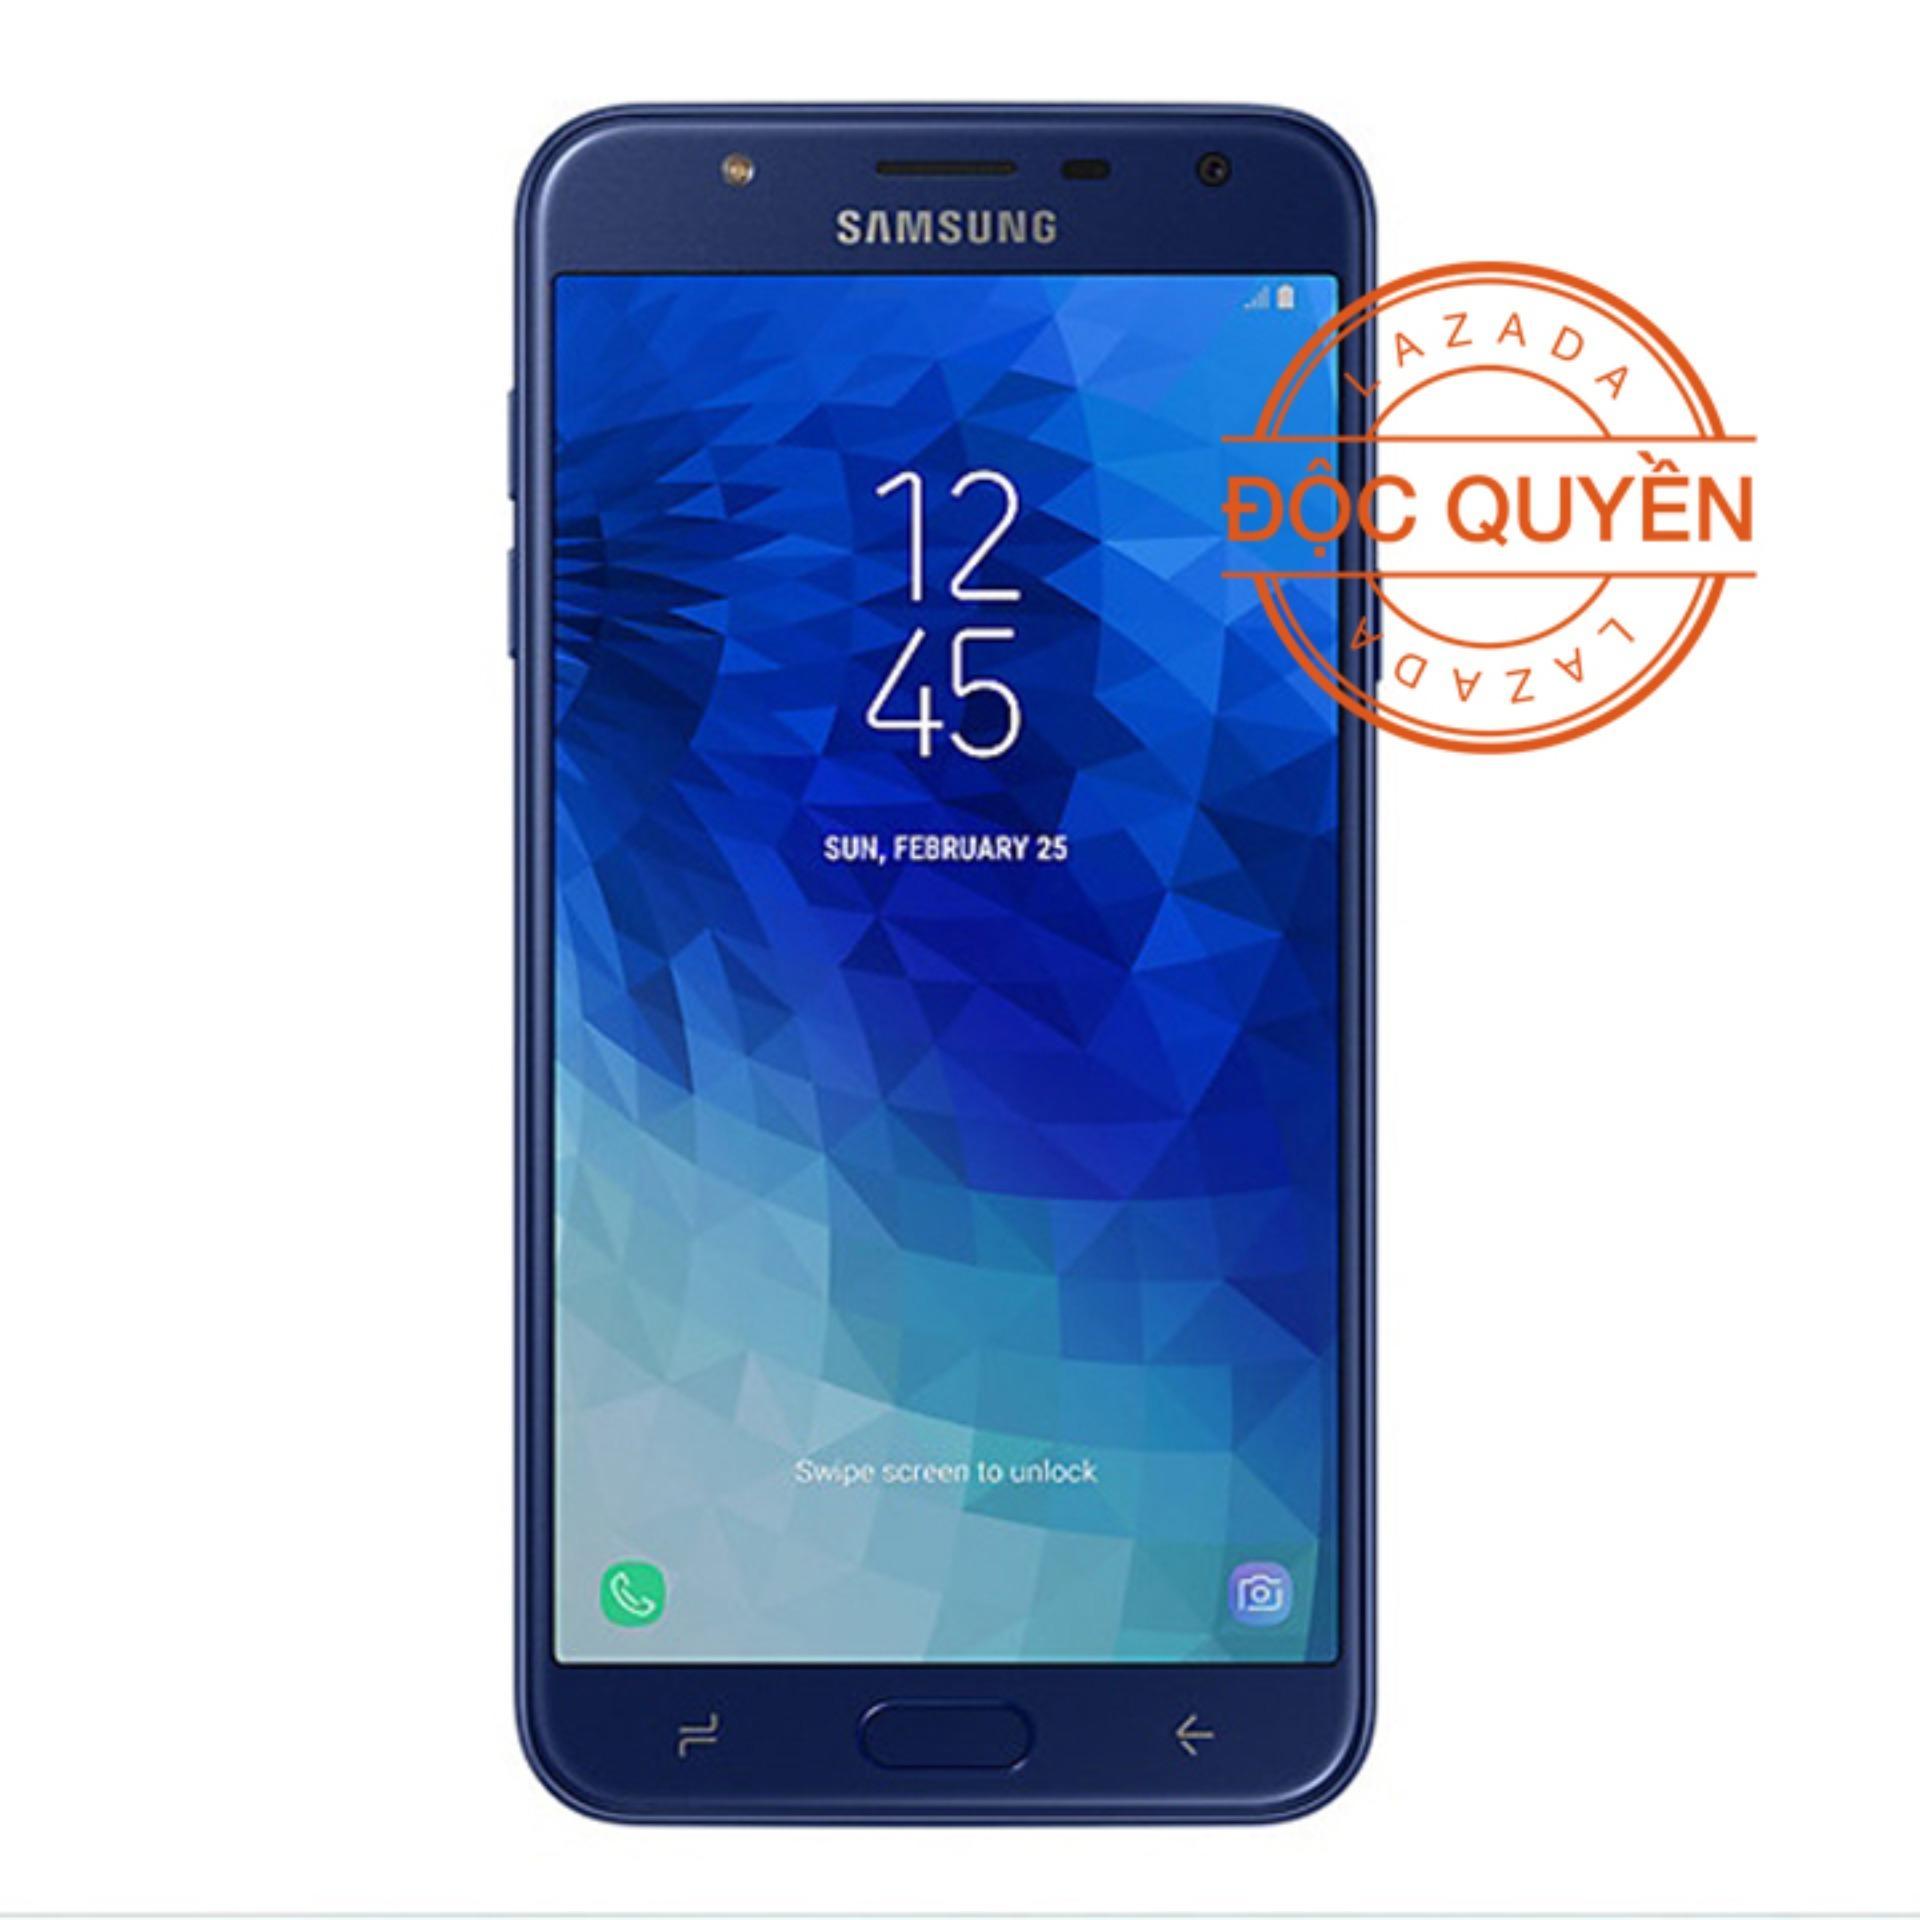 20 Dien Thoai Samsung Galaxy J7 Duo 32GB